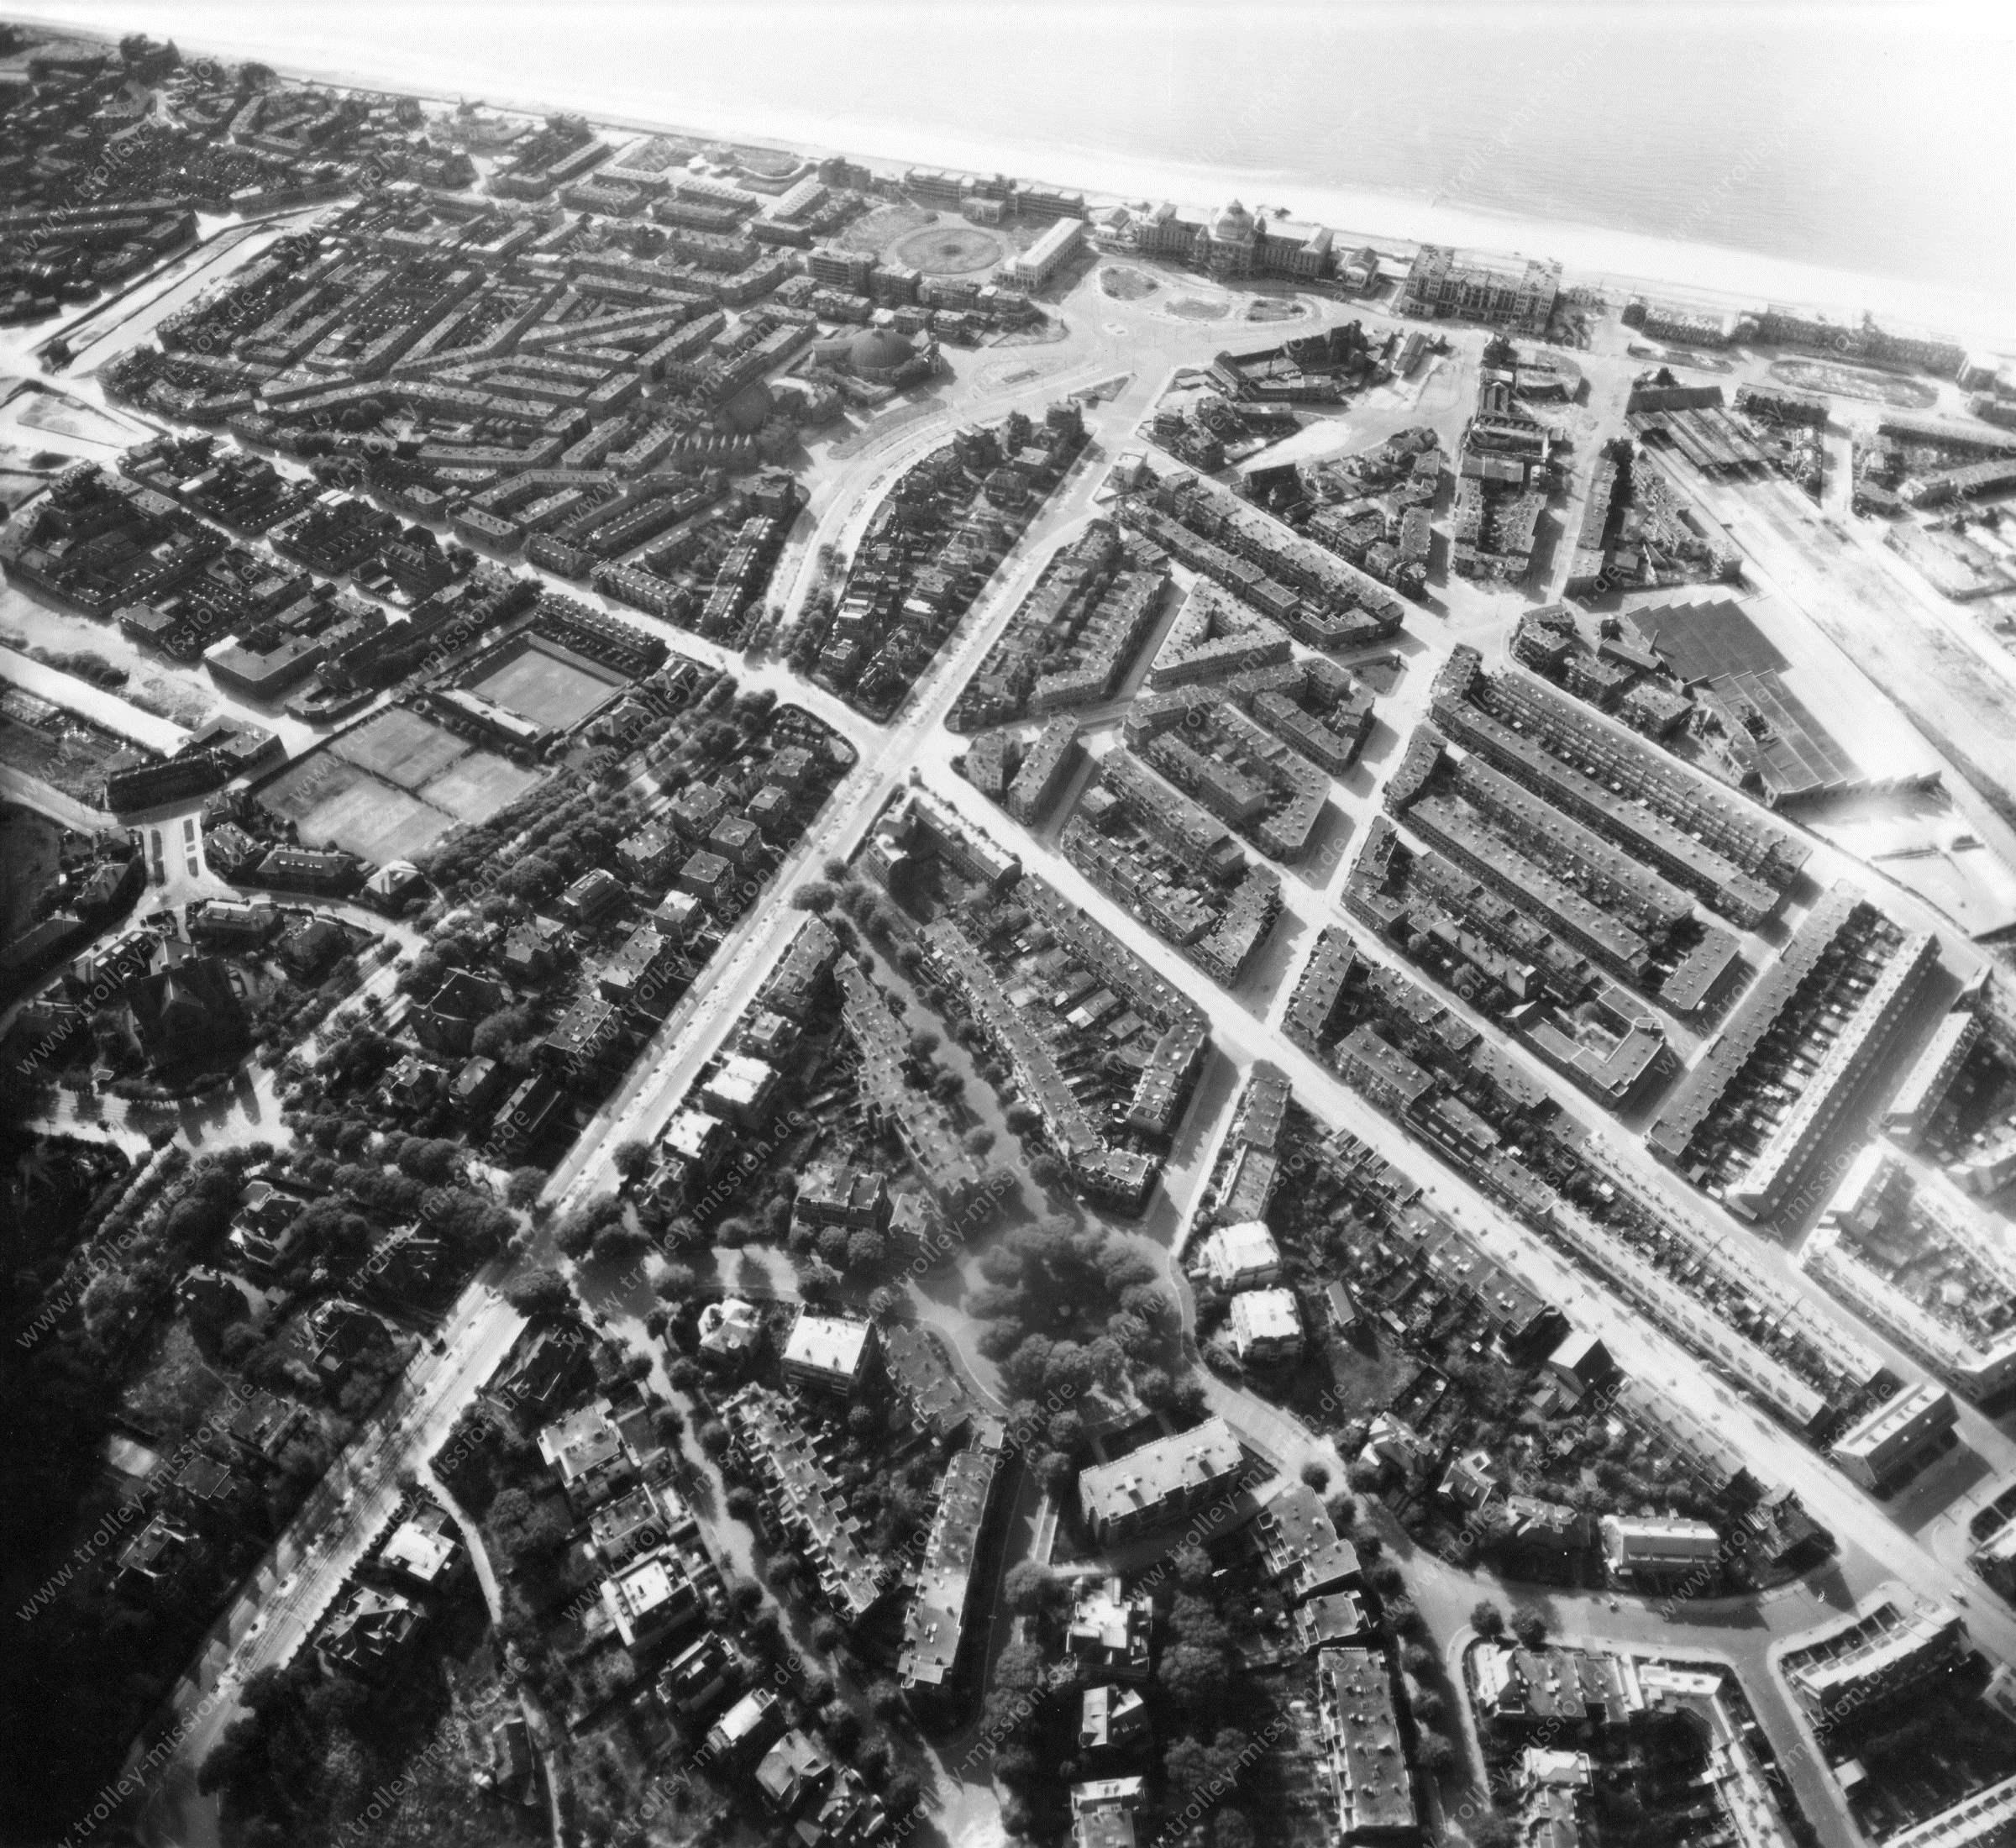 Den Haag Luftbild Scheveningen am 12. Mai 1945 (Niederlande)